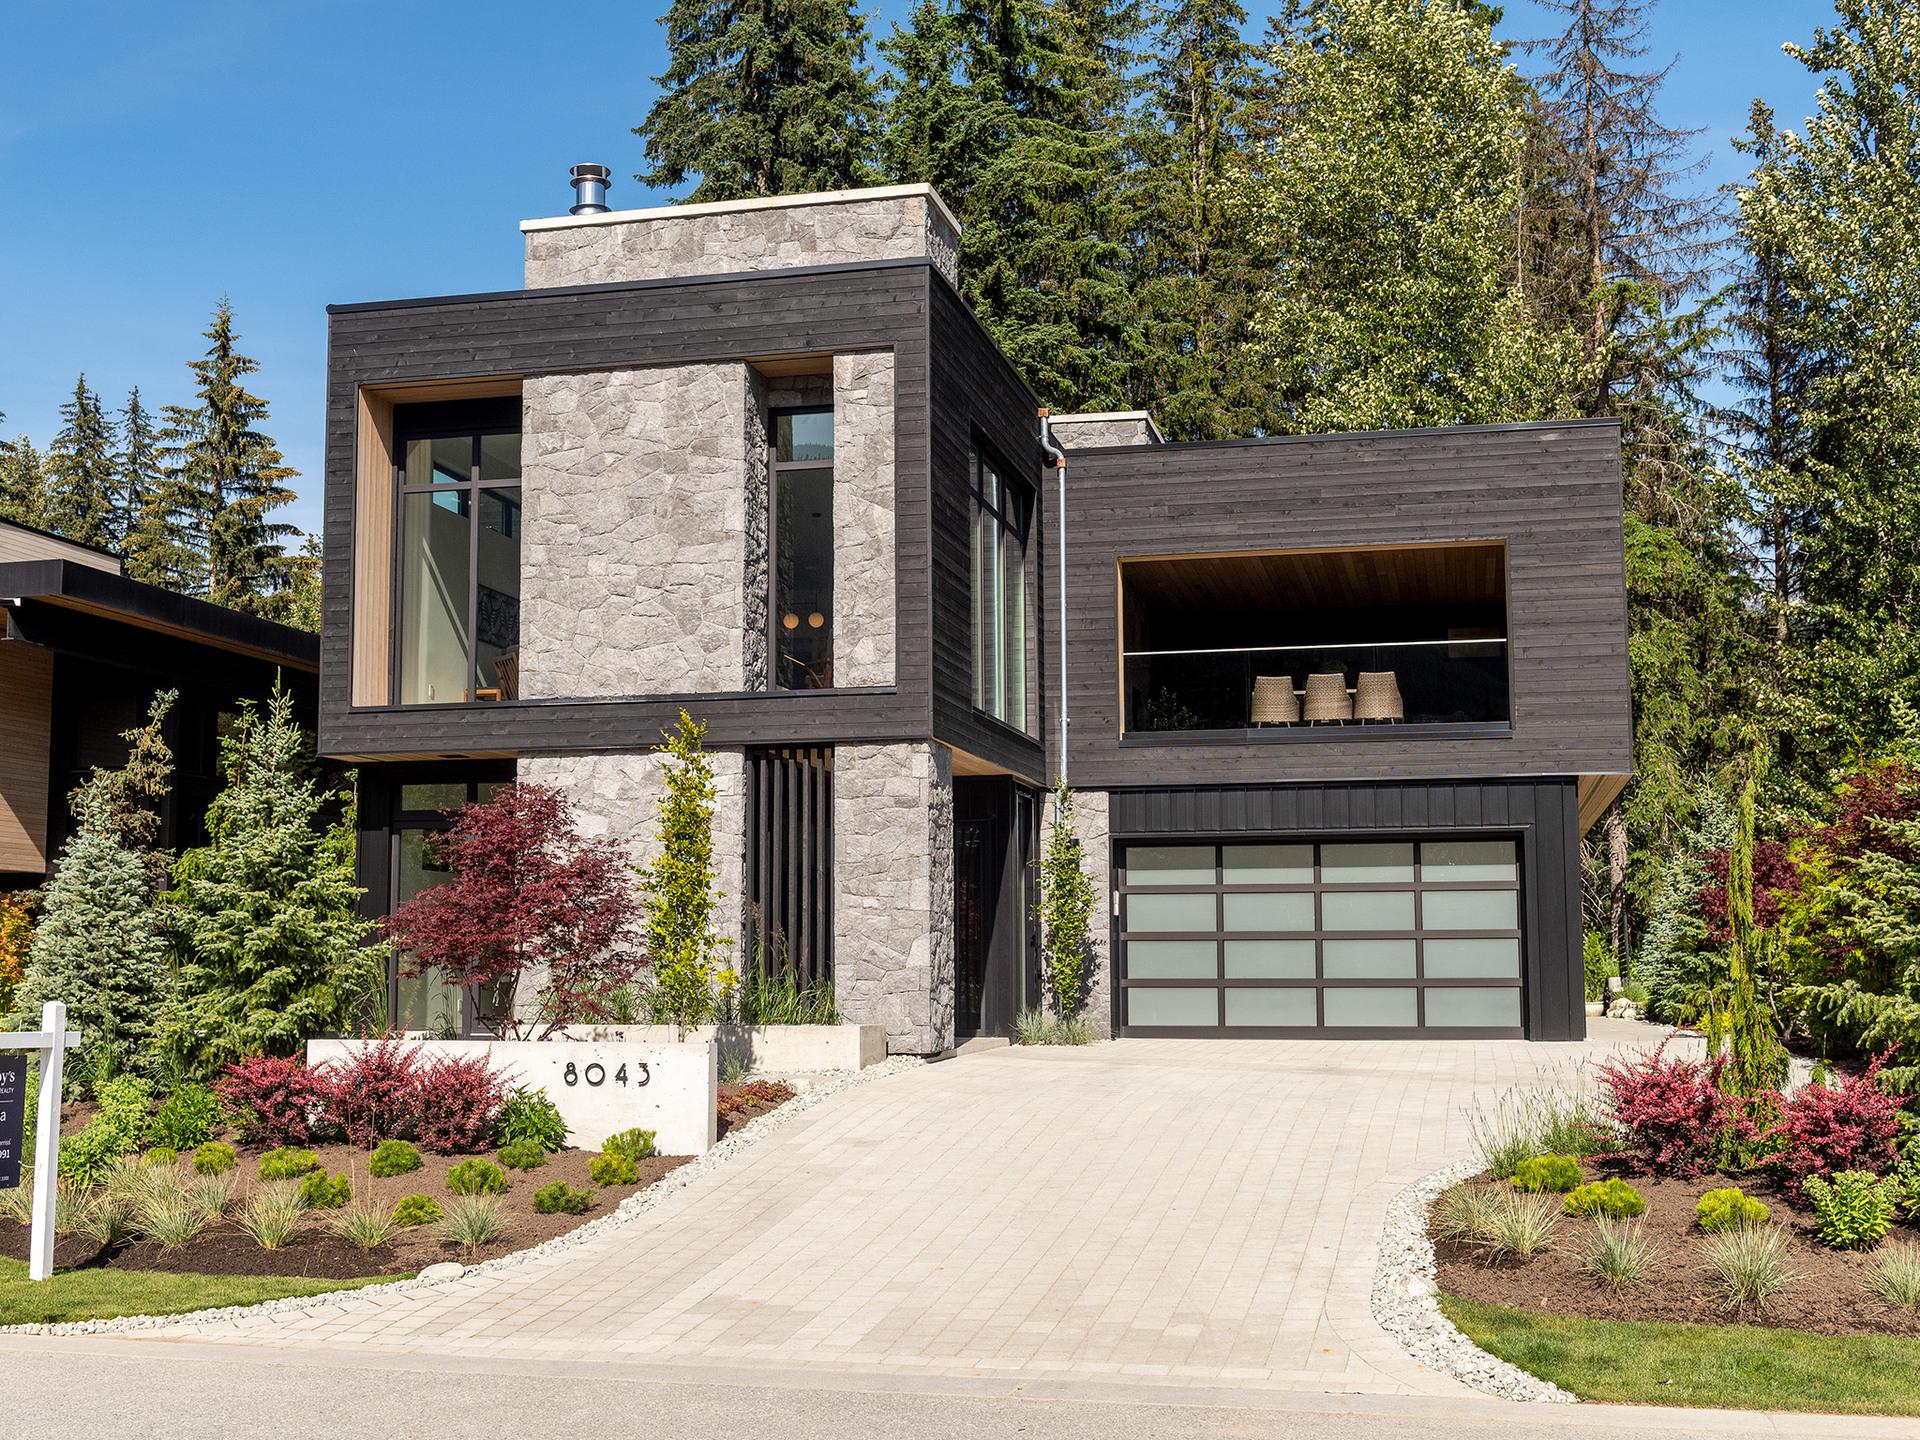 m1 at 8043 Cypress Place, Green Lake Estates, Whistler